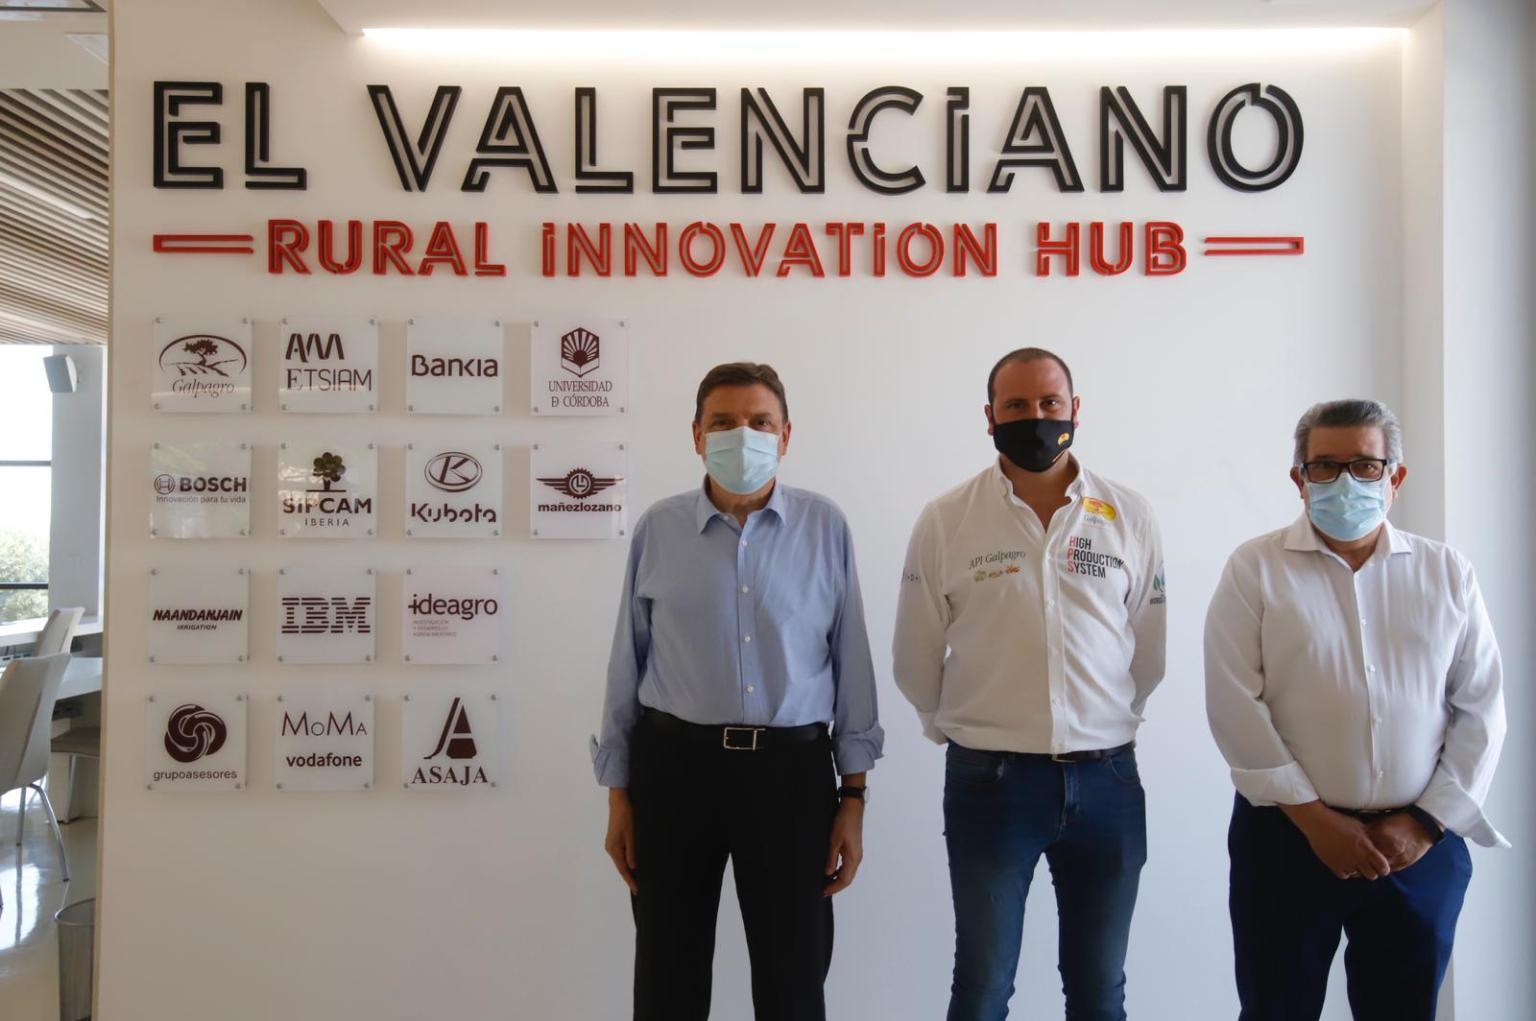 Se impone el modelo de innovación en el olivar: Rural Innovation Hub